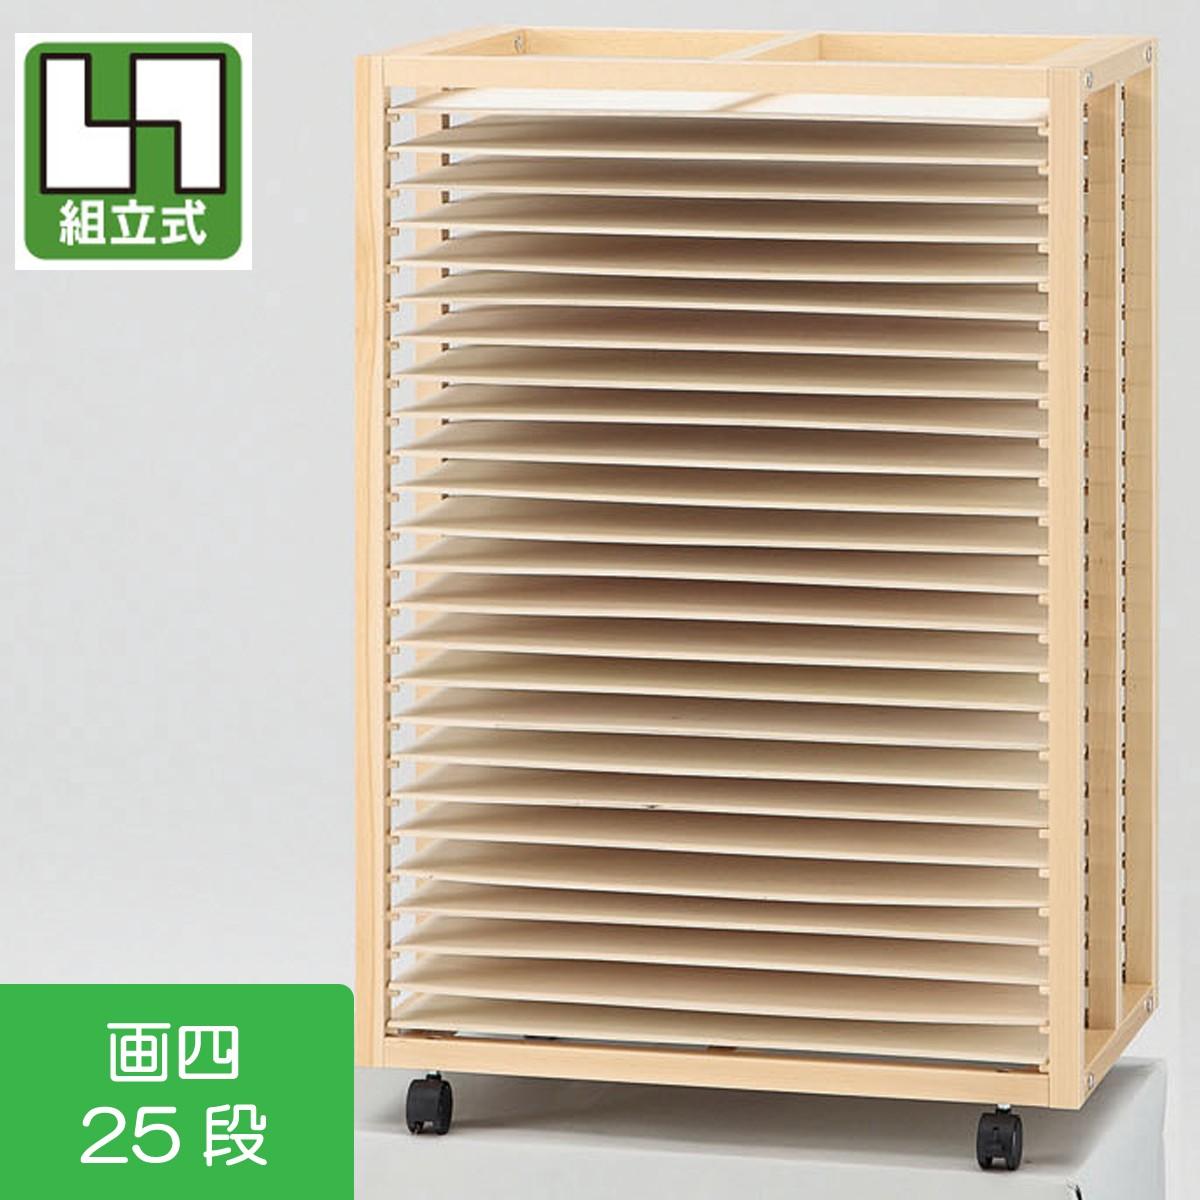 <当店オリジナル> 木製絵画作品乾燥棚25段 1台・未組立 WF-25型 【 乾燥 絵画 作品 絵 】